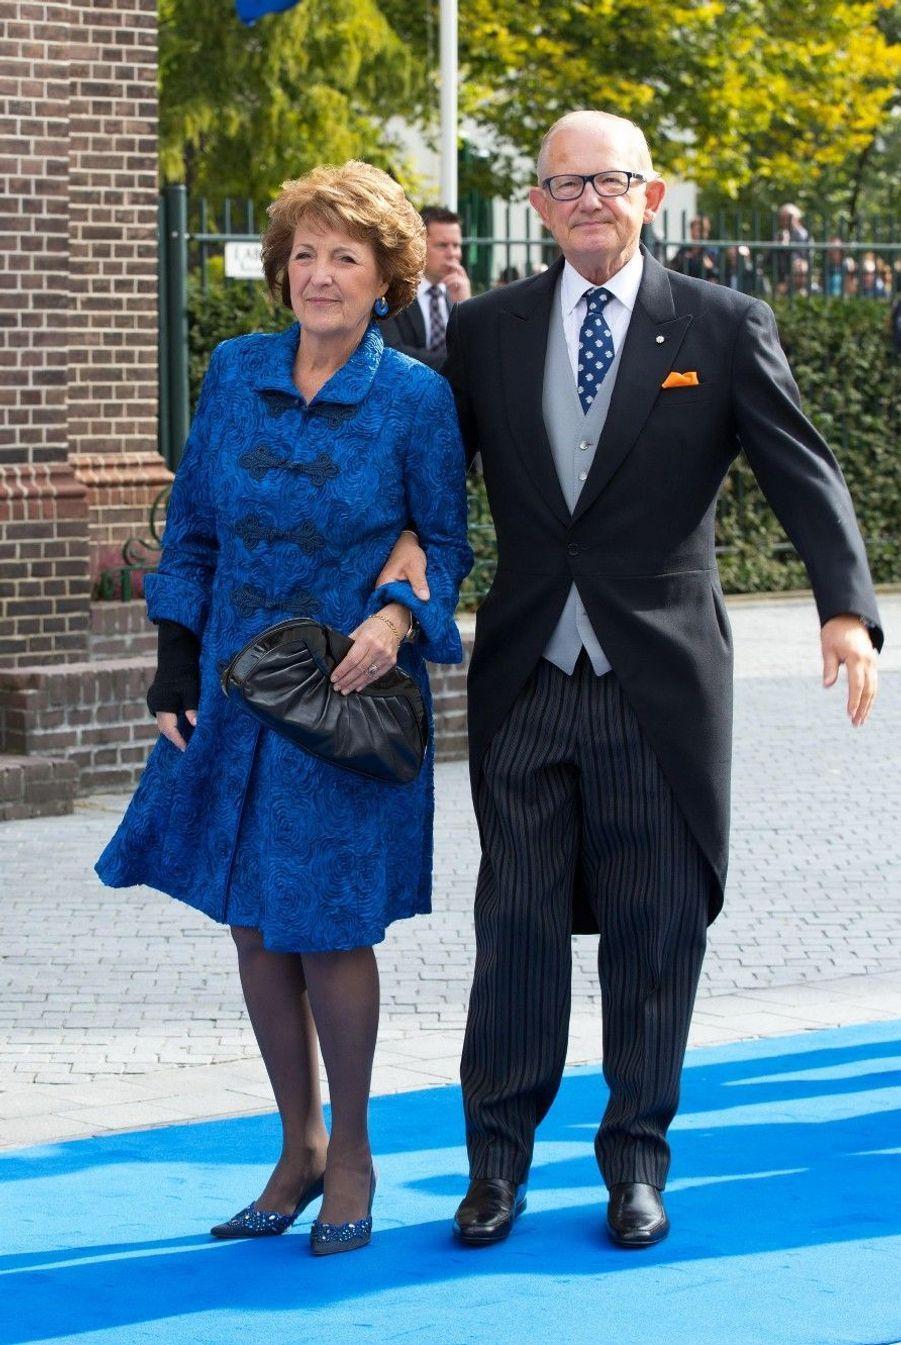 La princesse Margriet des Pays-Bas et son mari Pieter van Vollenhoven